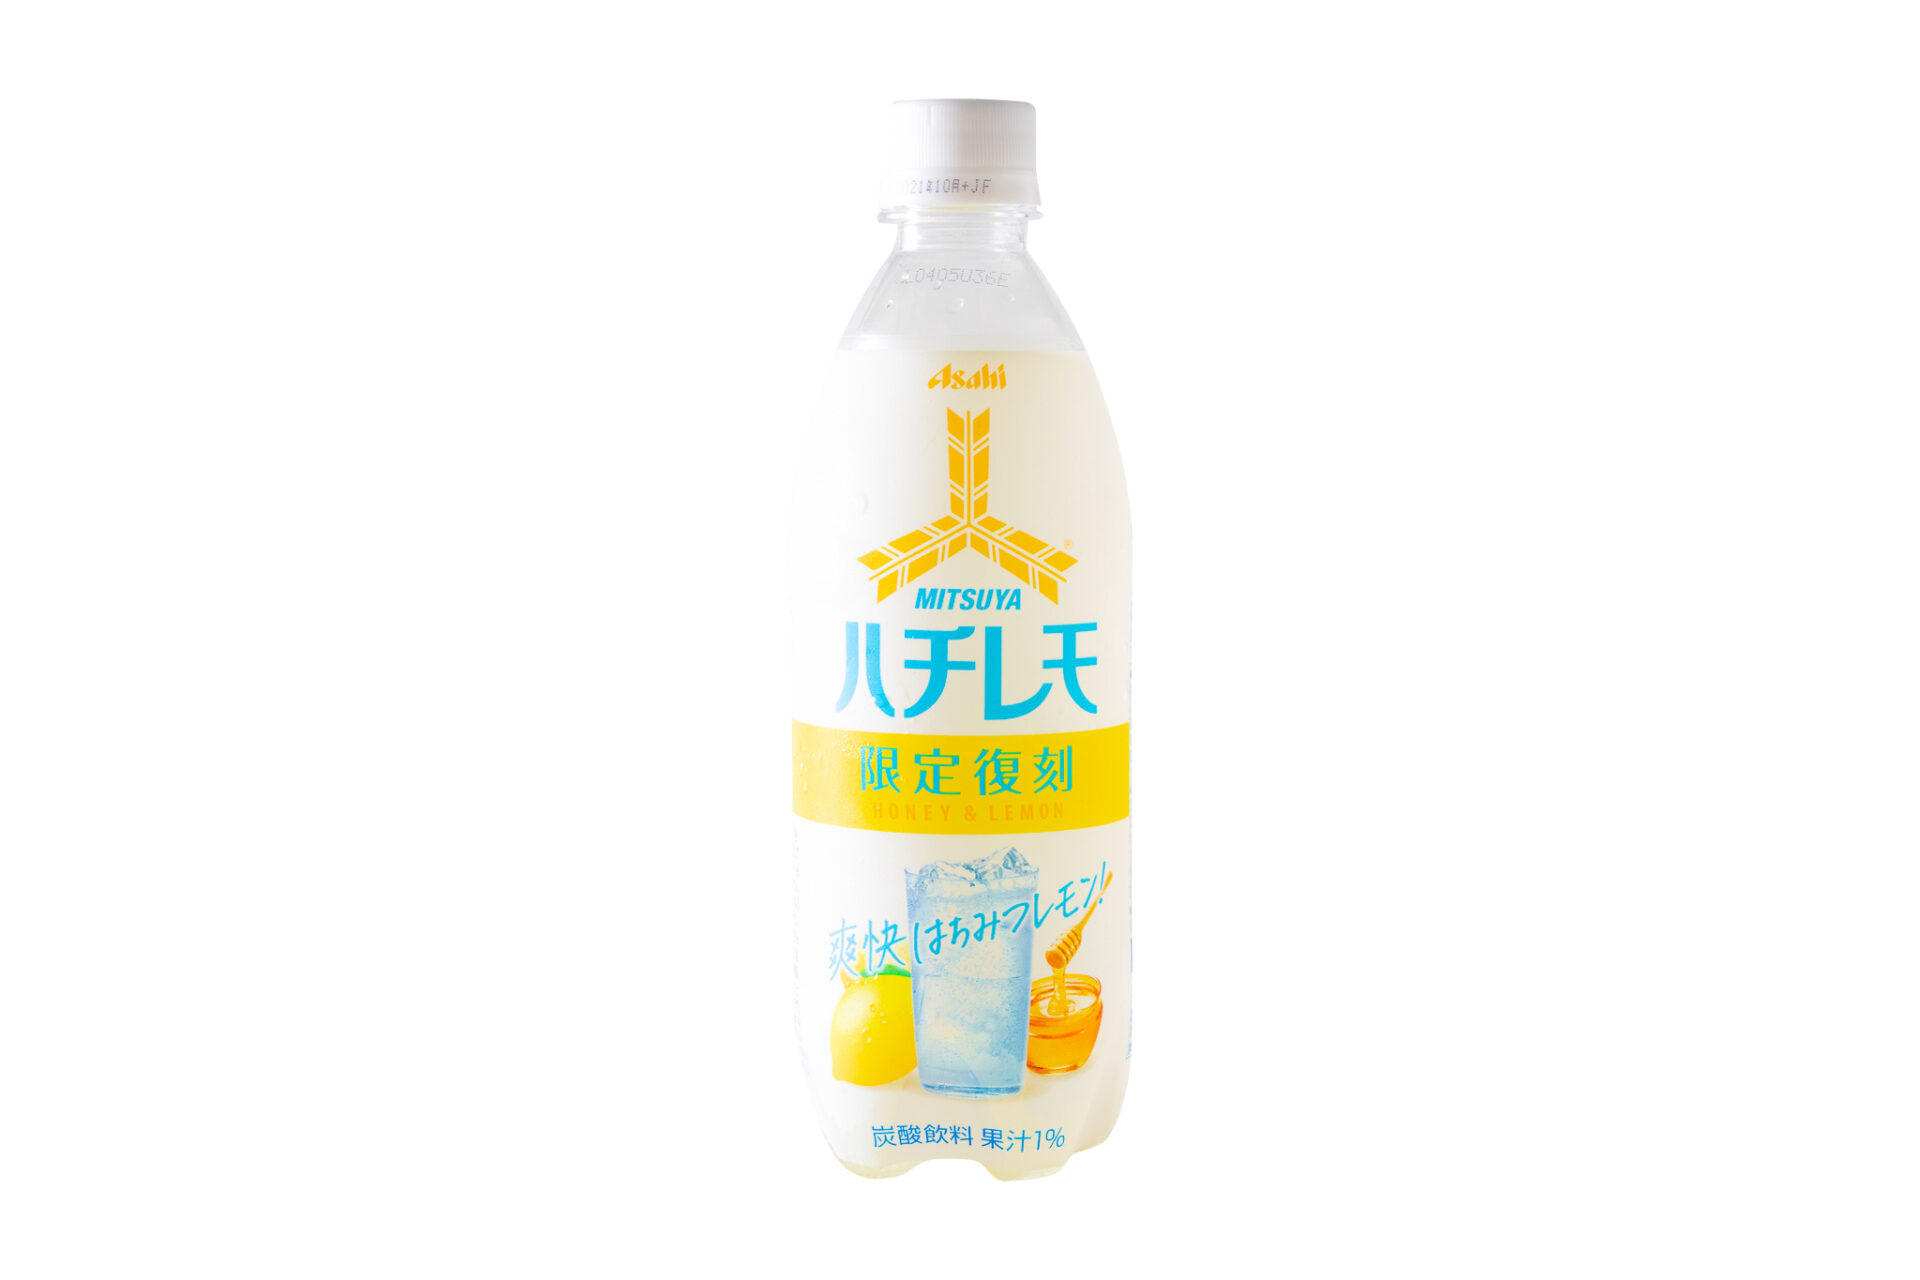 アサヒ飲料『「三ツ矢」ハチレモ PET500ml』